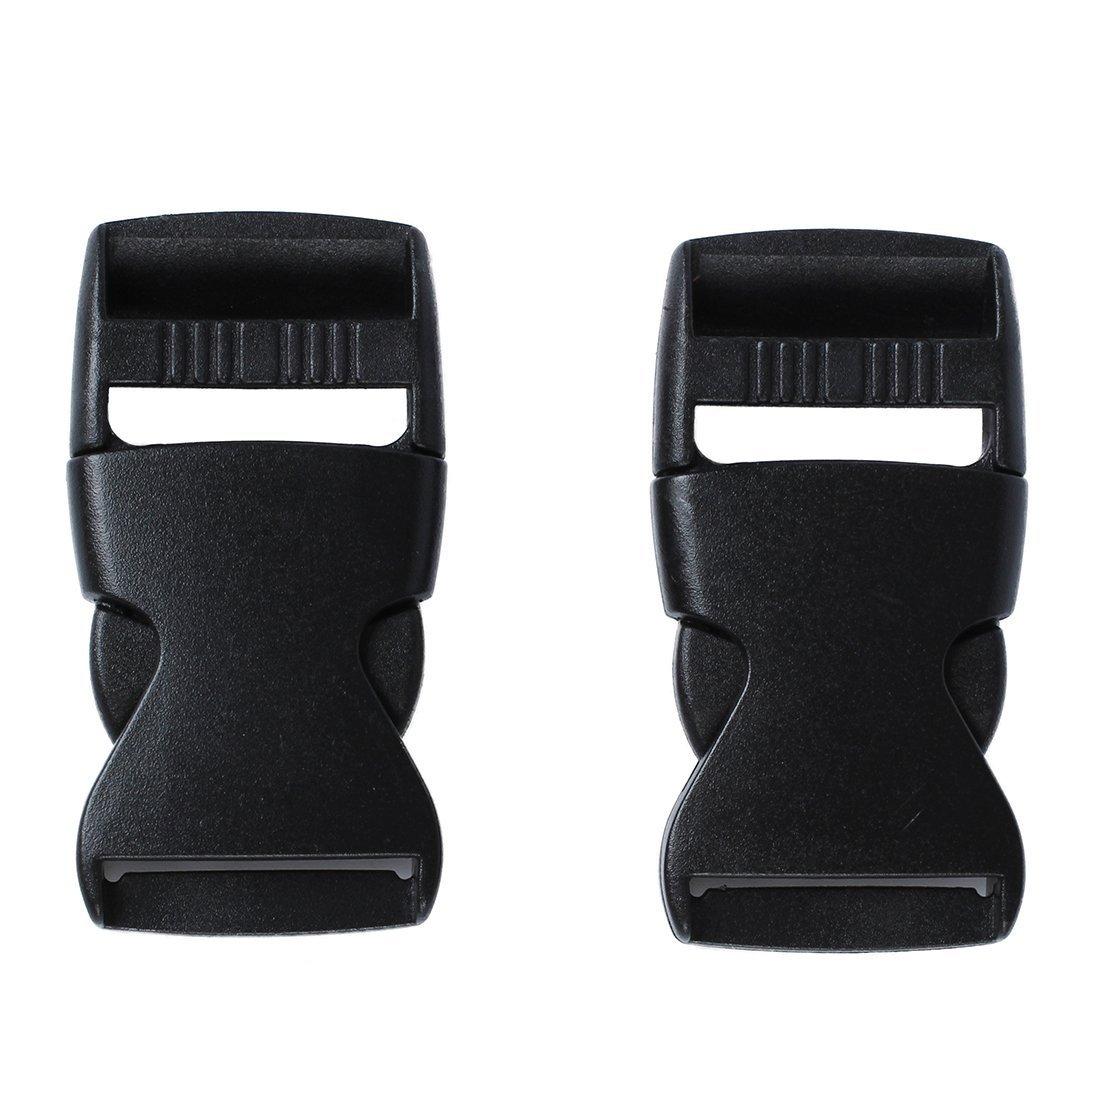 Smirk Sumer Cinta Ajustable de 25 mm de pl/ástico Negro con Hebilla Deslizante para Correa de cincha y Cinta de 3 Barras